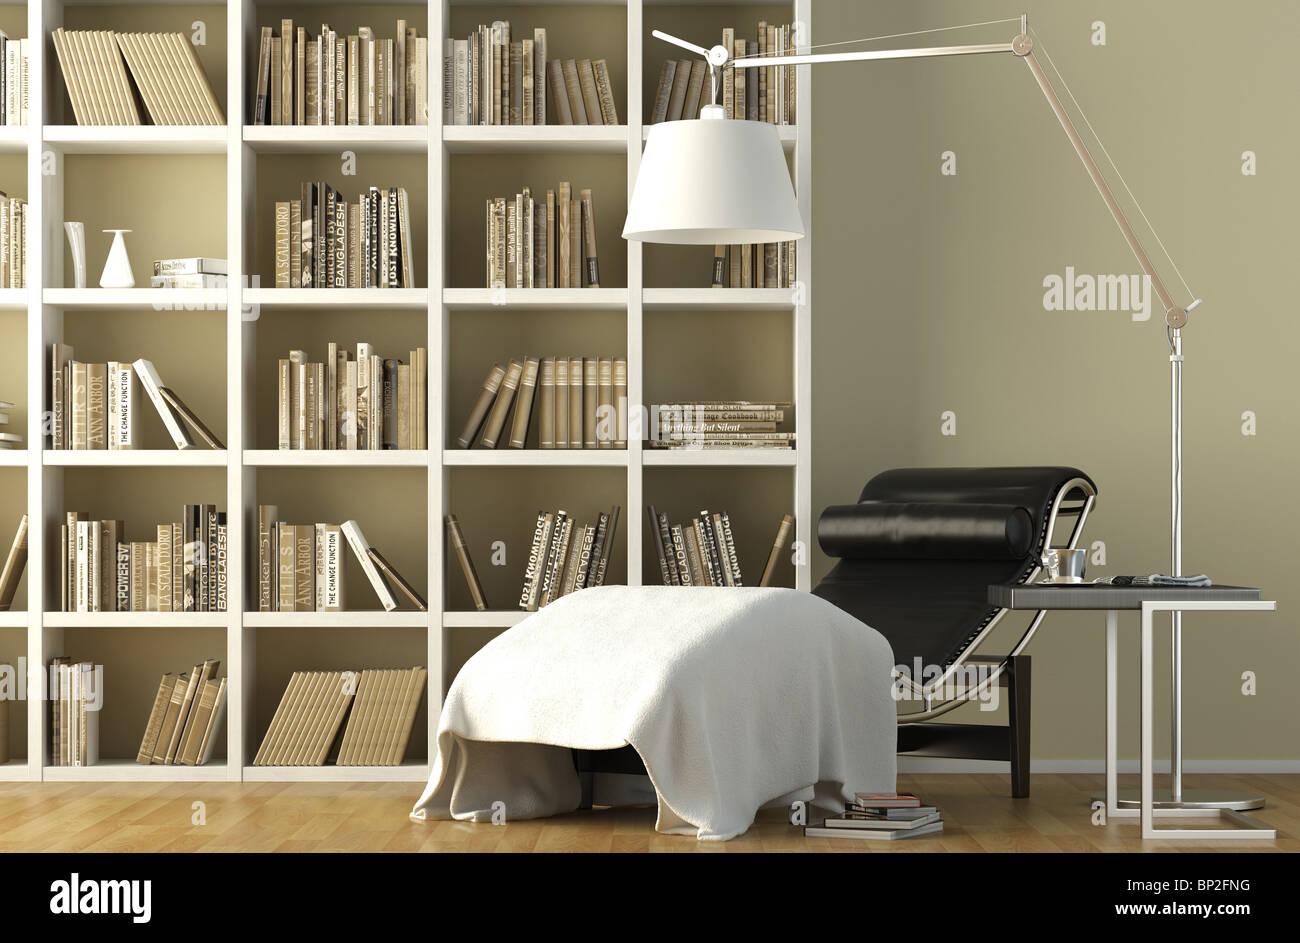 Modernes Interieur einer Lesung couch mit Lampe eine Bücher ...